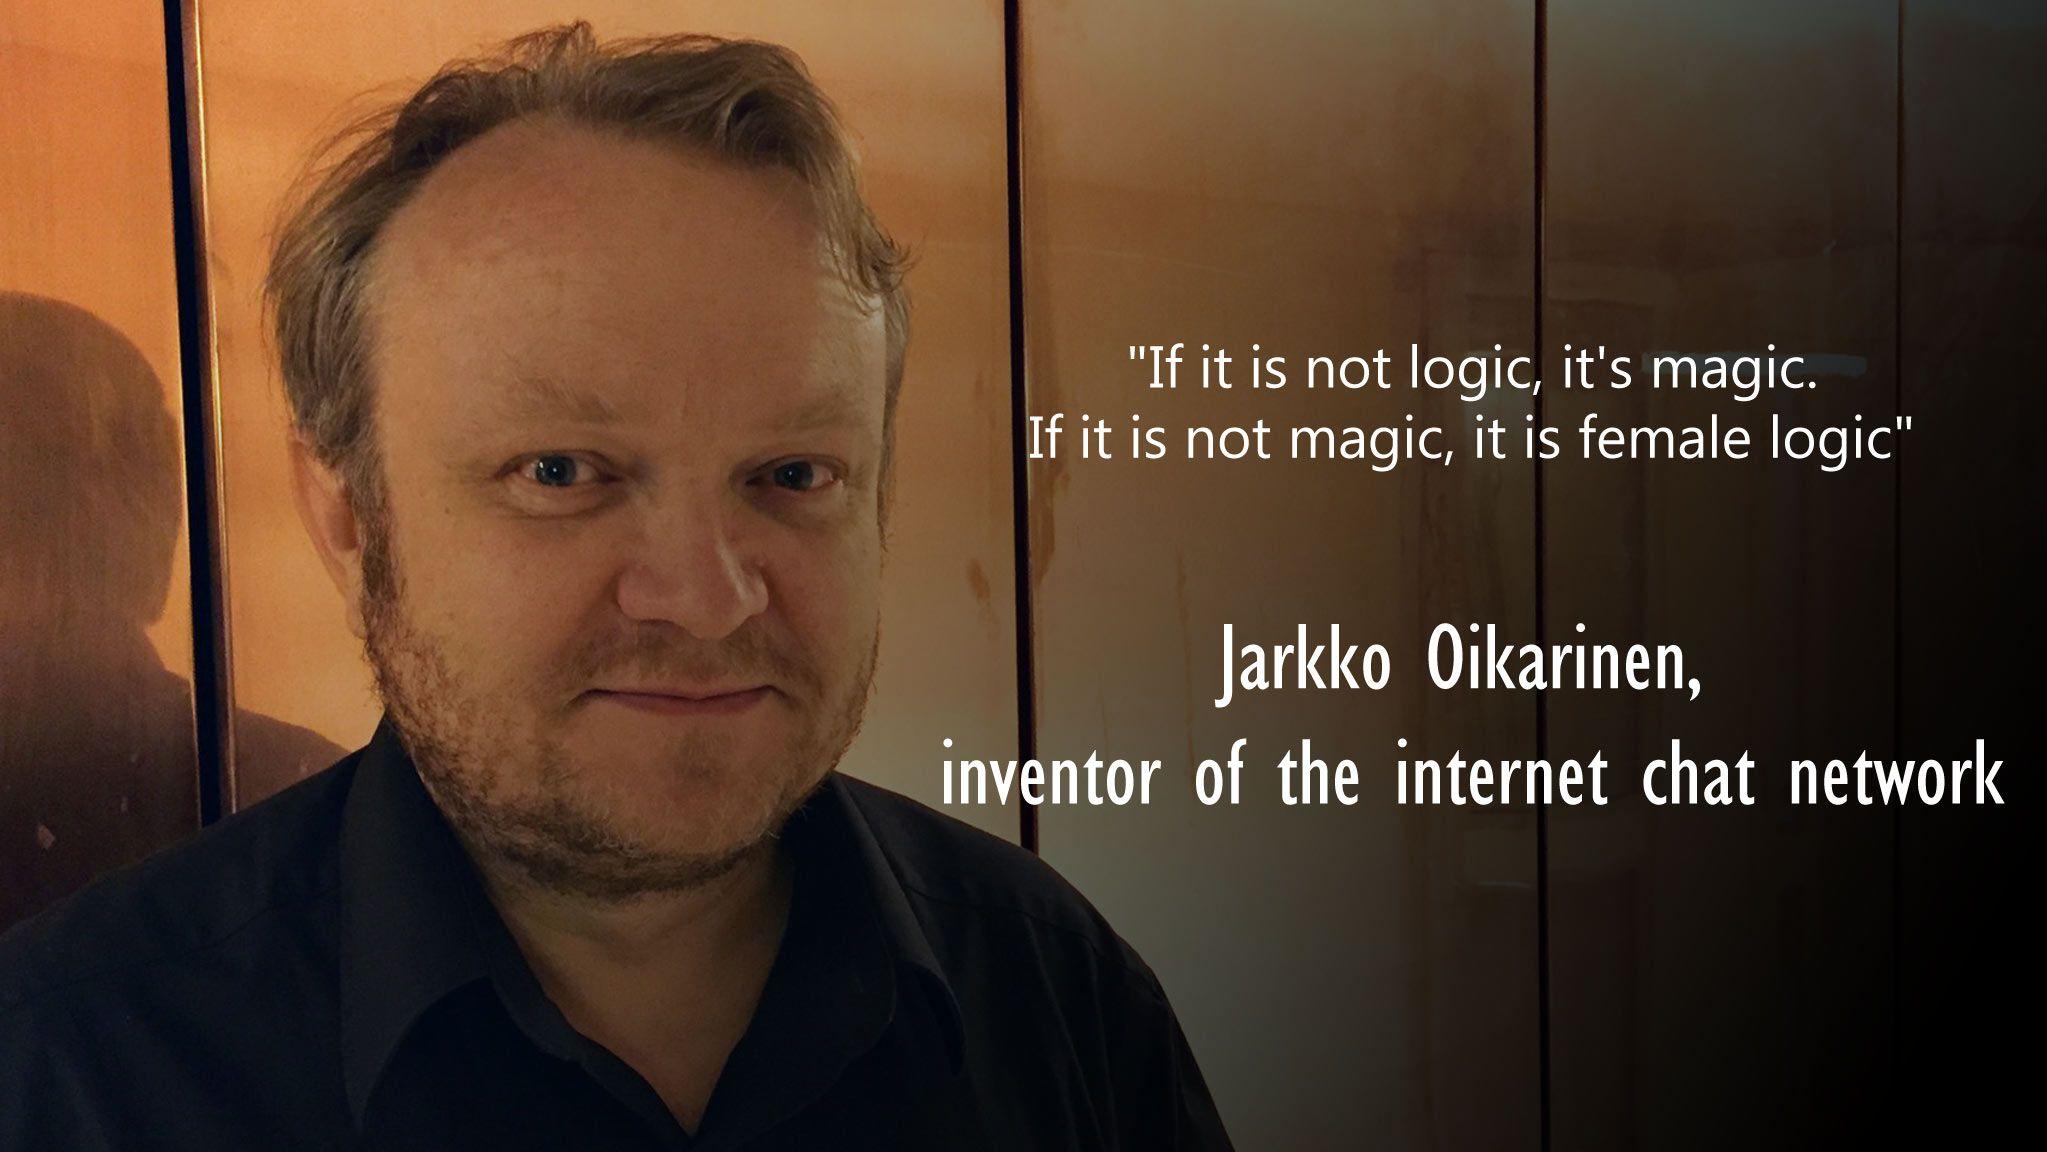 Jarkko Oikarinen